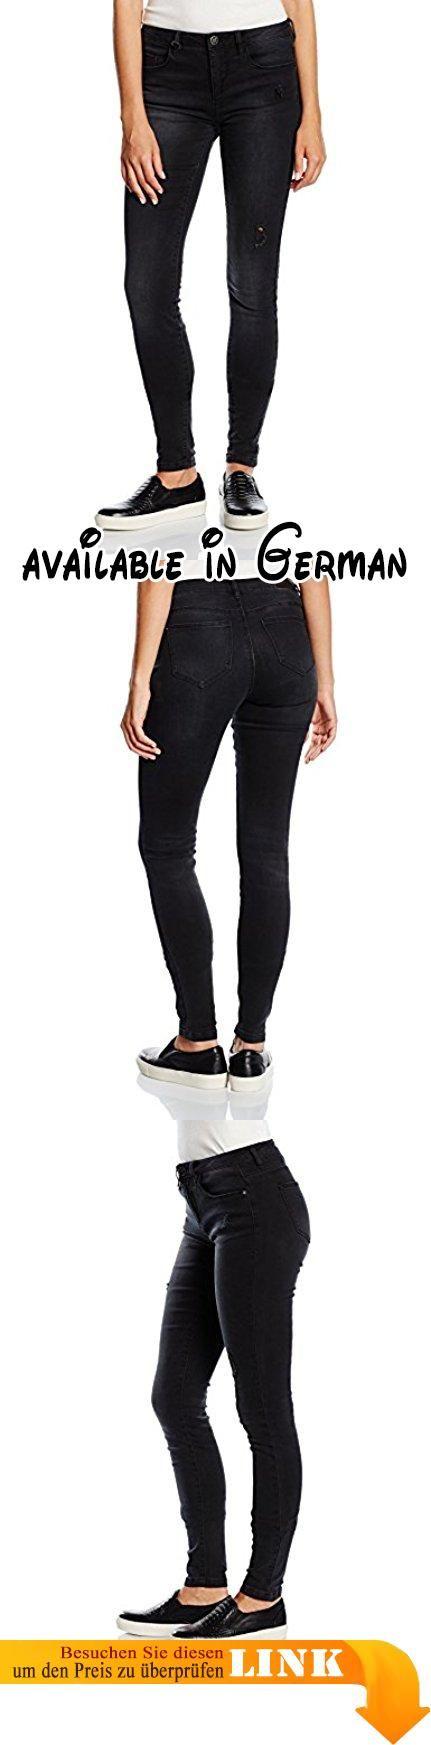 ONLY Damen Skinny Jeanshose Onlultimate Reg Sk Jeans Bj5783 Noos, Gr. W30/L30 (Herstellergröße: 30), Schwarz. Diese ONLY-Jeans gehört in jeden Kleiderschrank. Sie ist ein Basic, welches sich zu fast allem kombinieren lässt. Egal, ob zu lässigen Jacken, eleganten Blazern oder dezenten Shirts, die Hose ist ein Hingucker, ohne sich in den Vordergrund zu drängen. #Apparel #PANTS